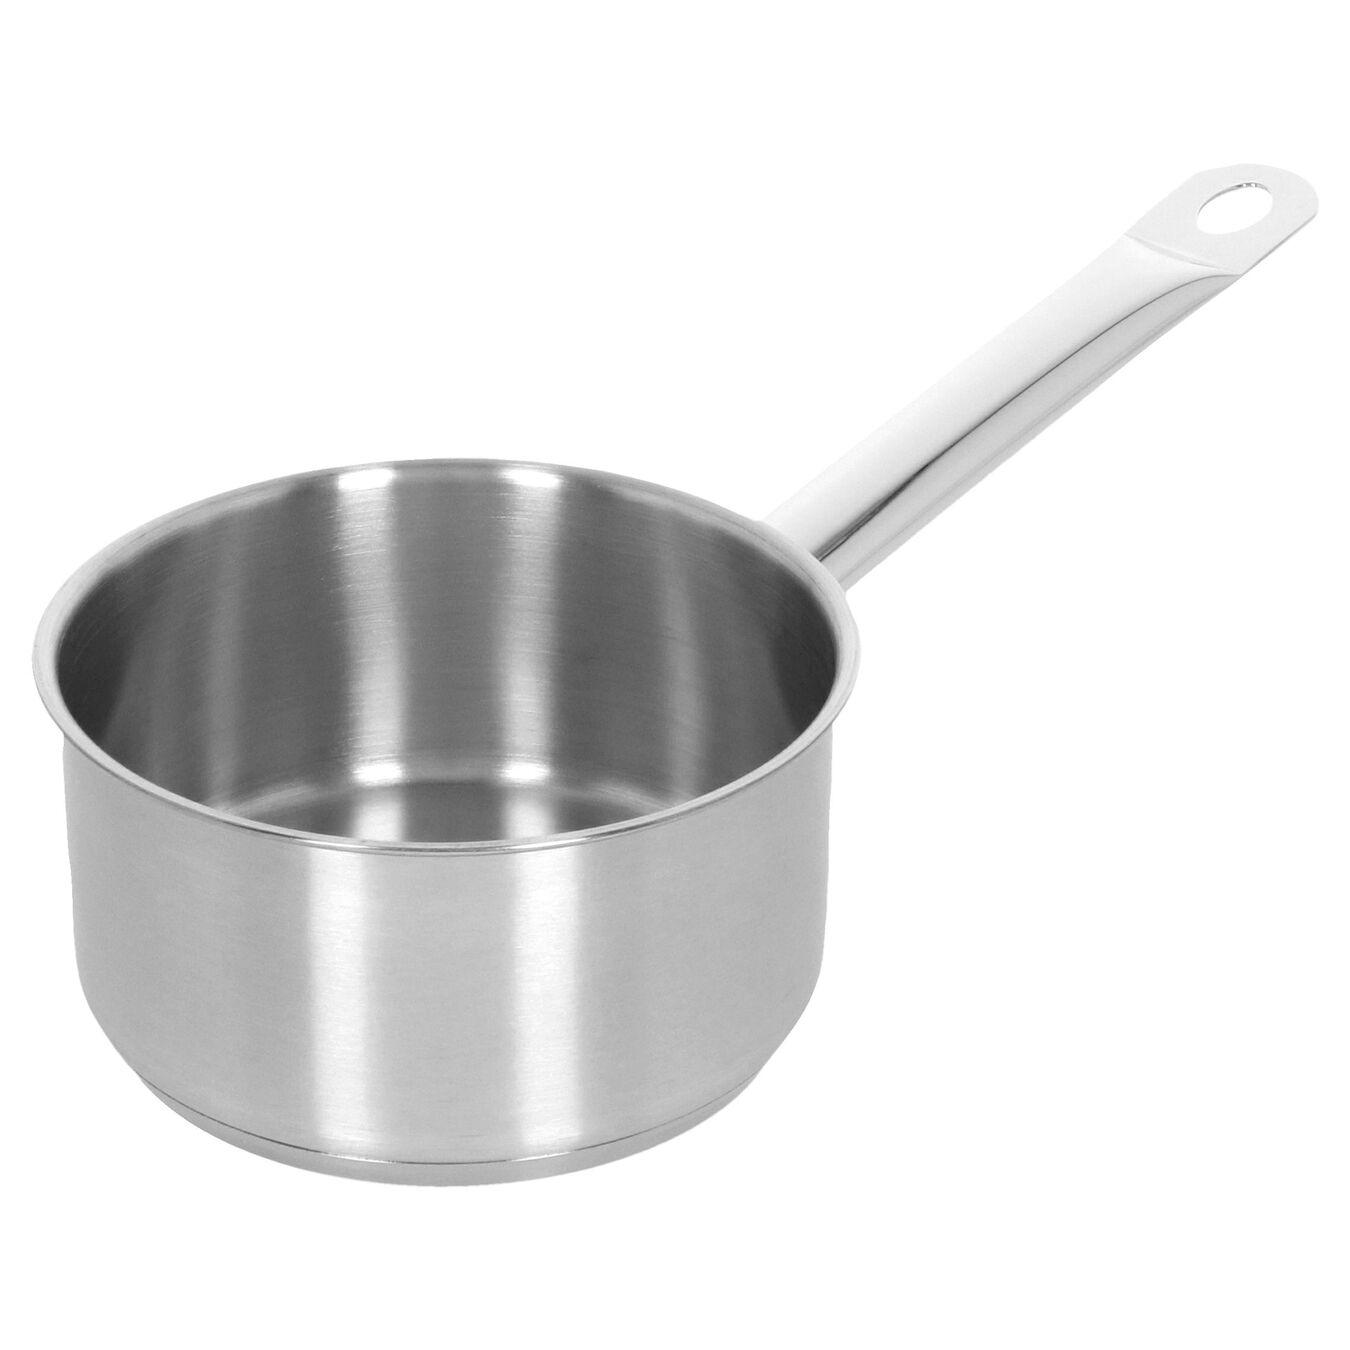 Steelpan met deksel, 14 cm / 1 l,,large 2